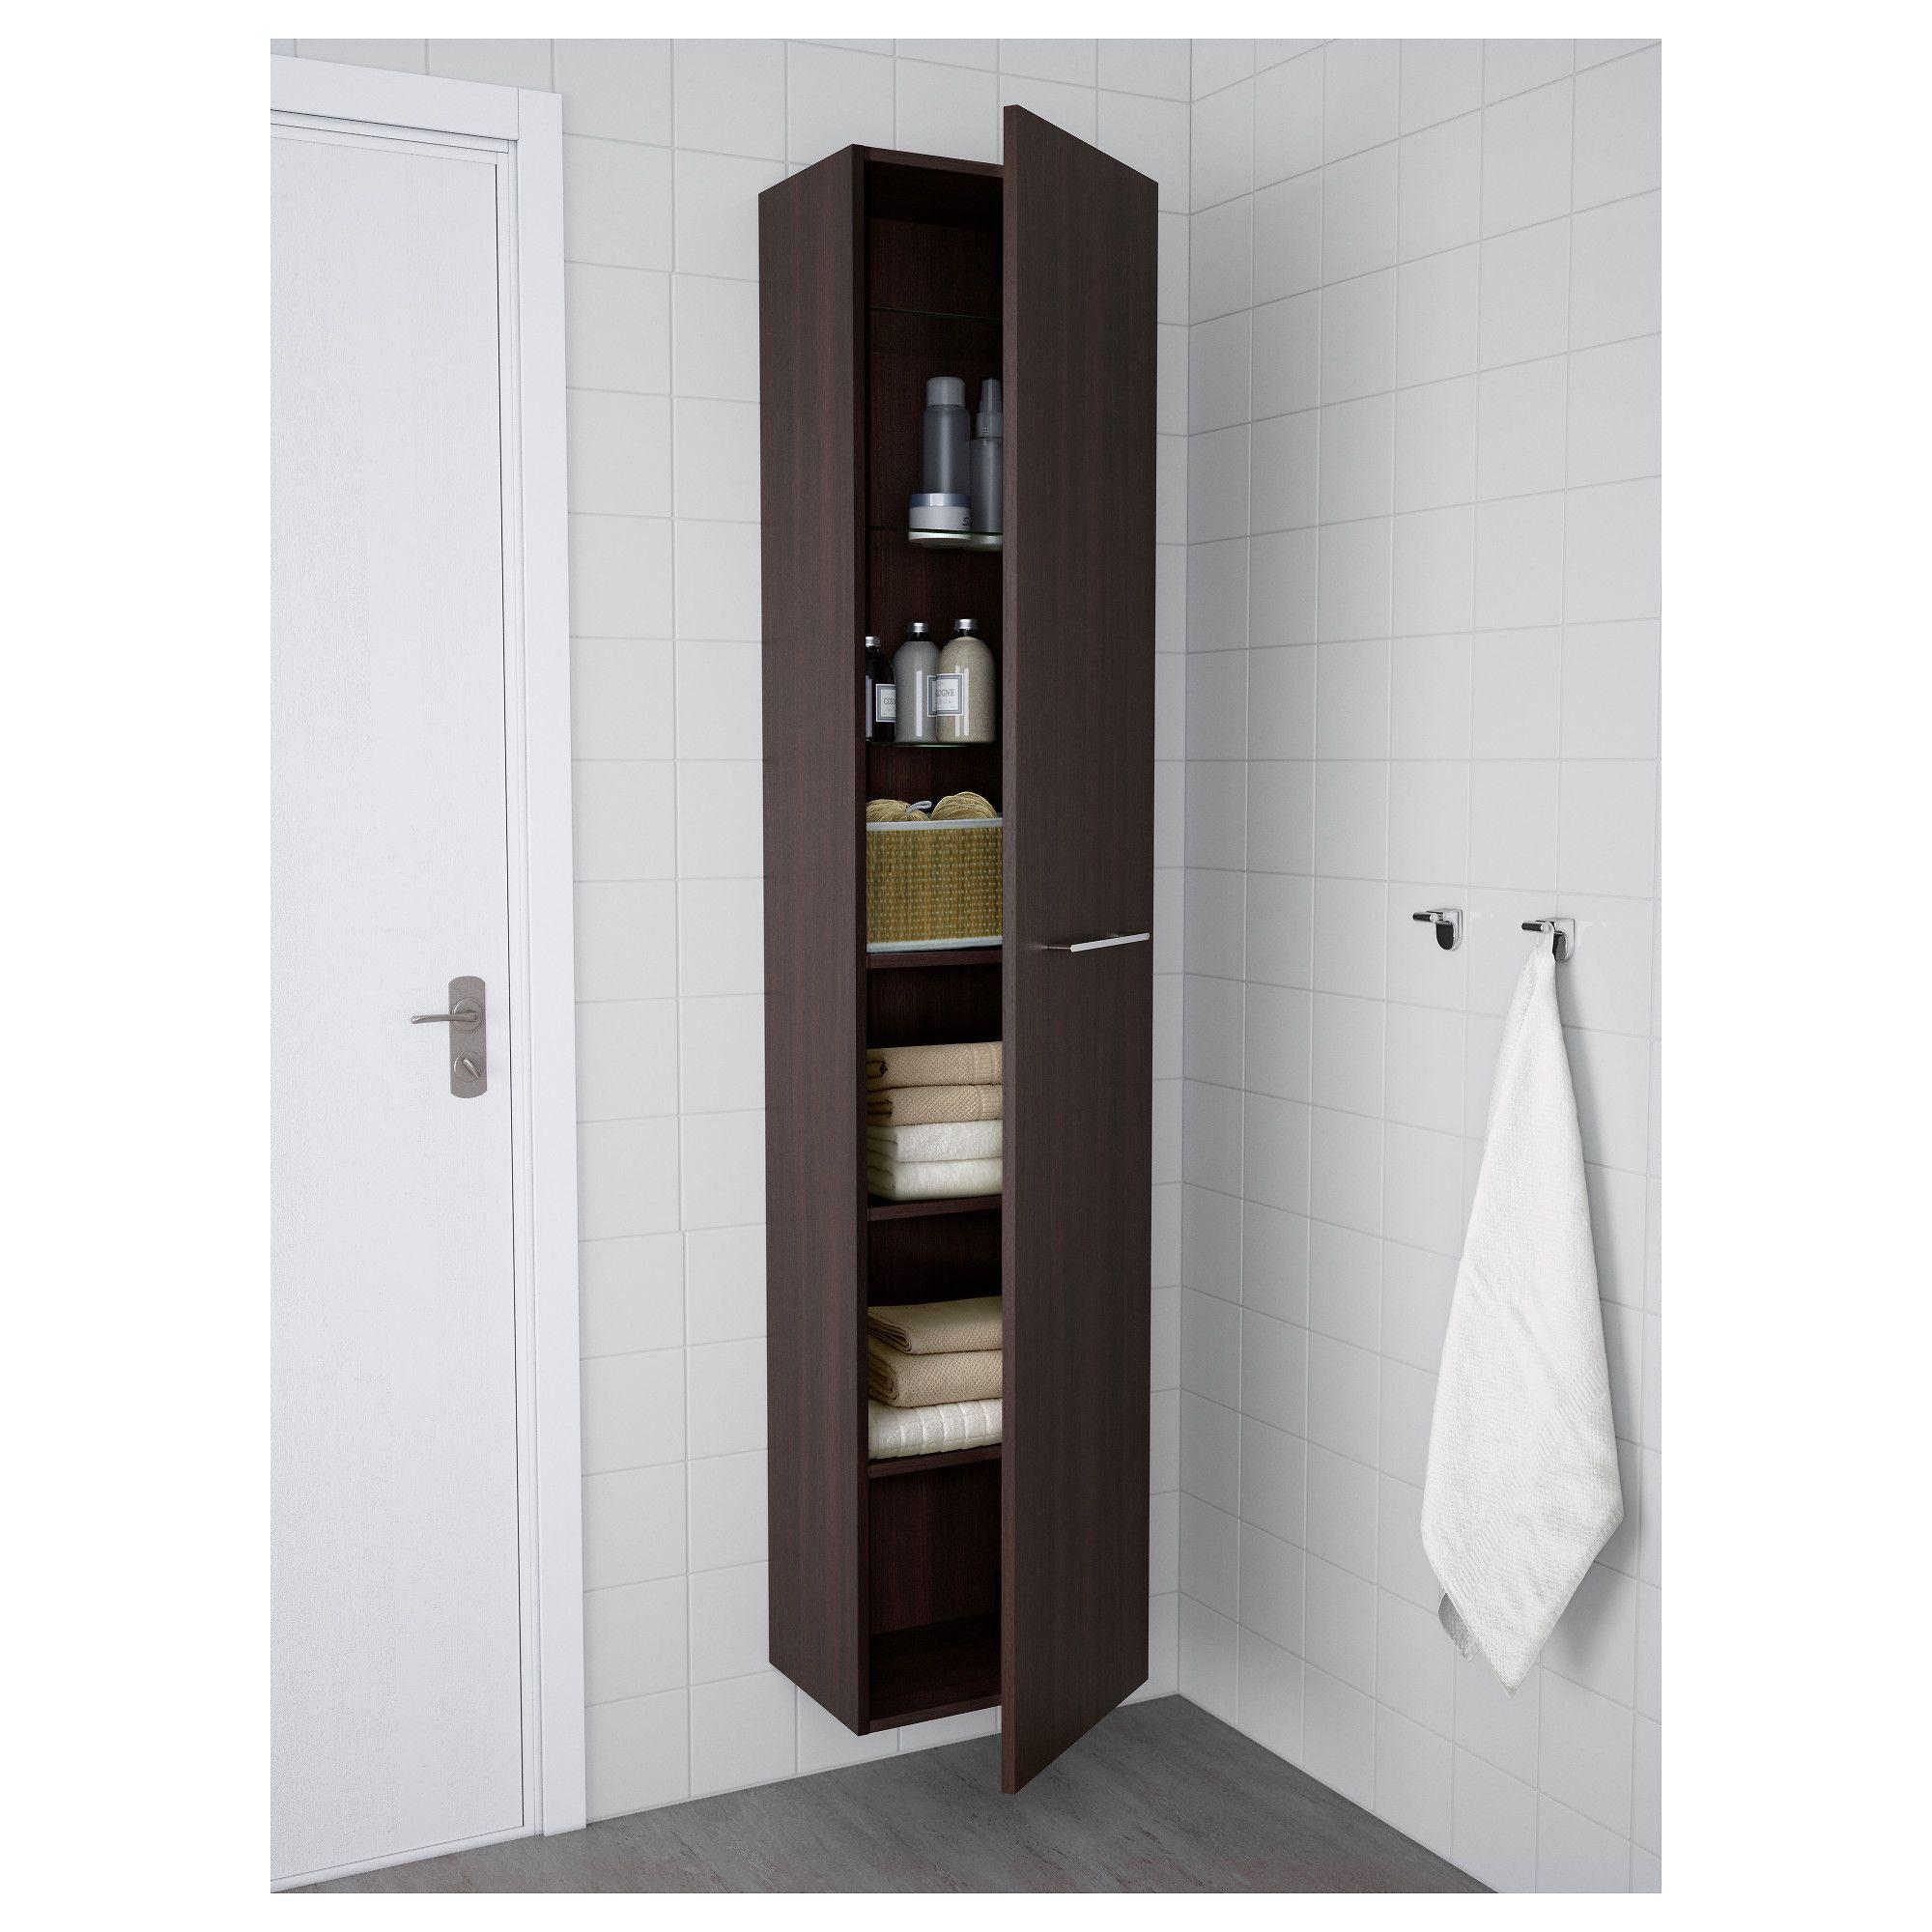 Ikea Godmorgon High Cabinet Black Brown Hochschrank Schrank Und Ikea Lillangen